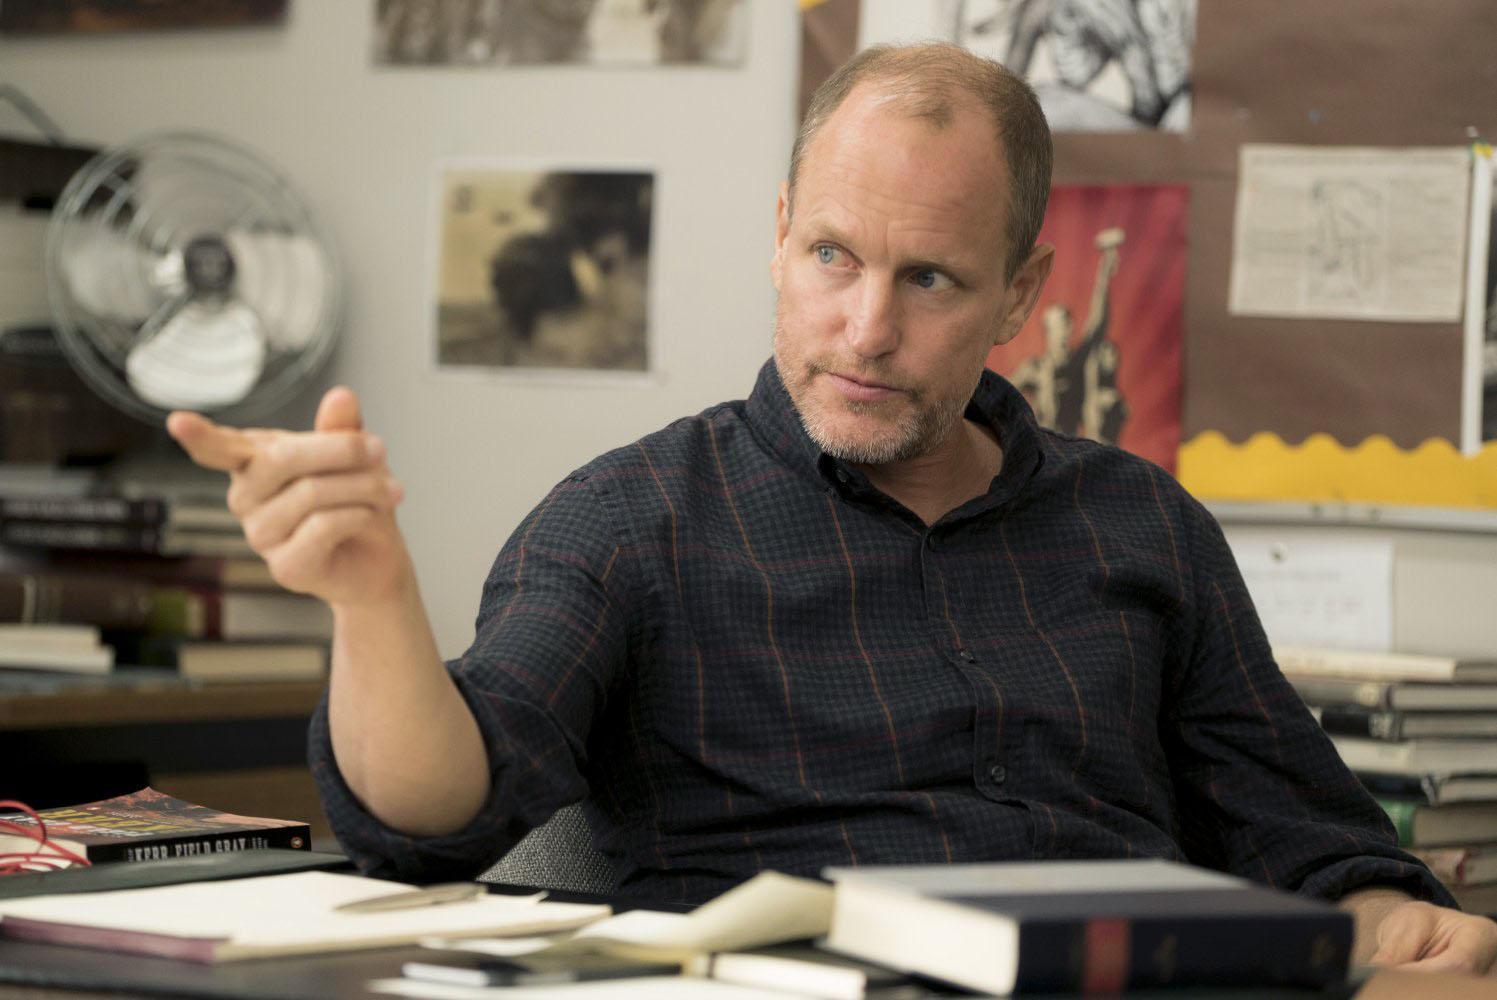 Woody Harrelson as Mr. Bruner in the movie